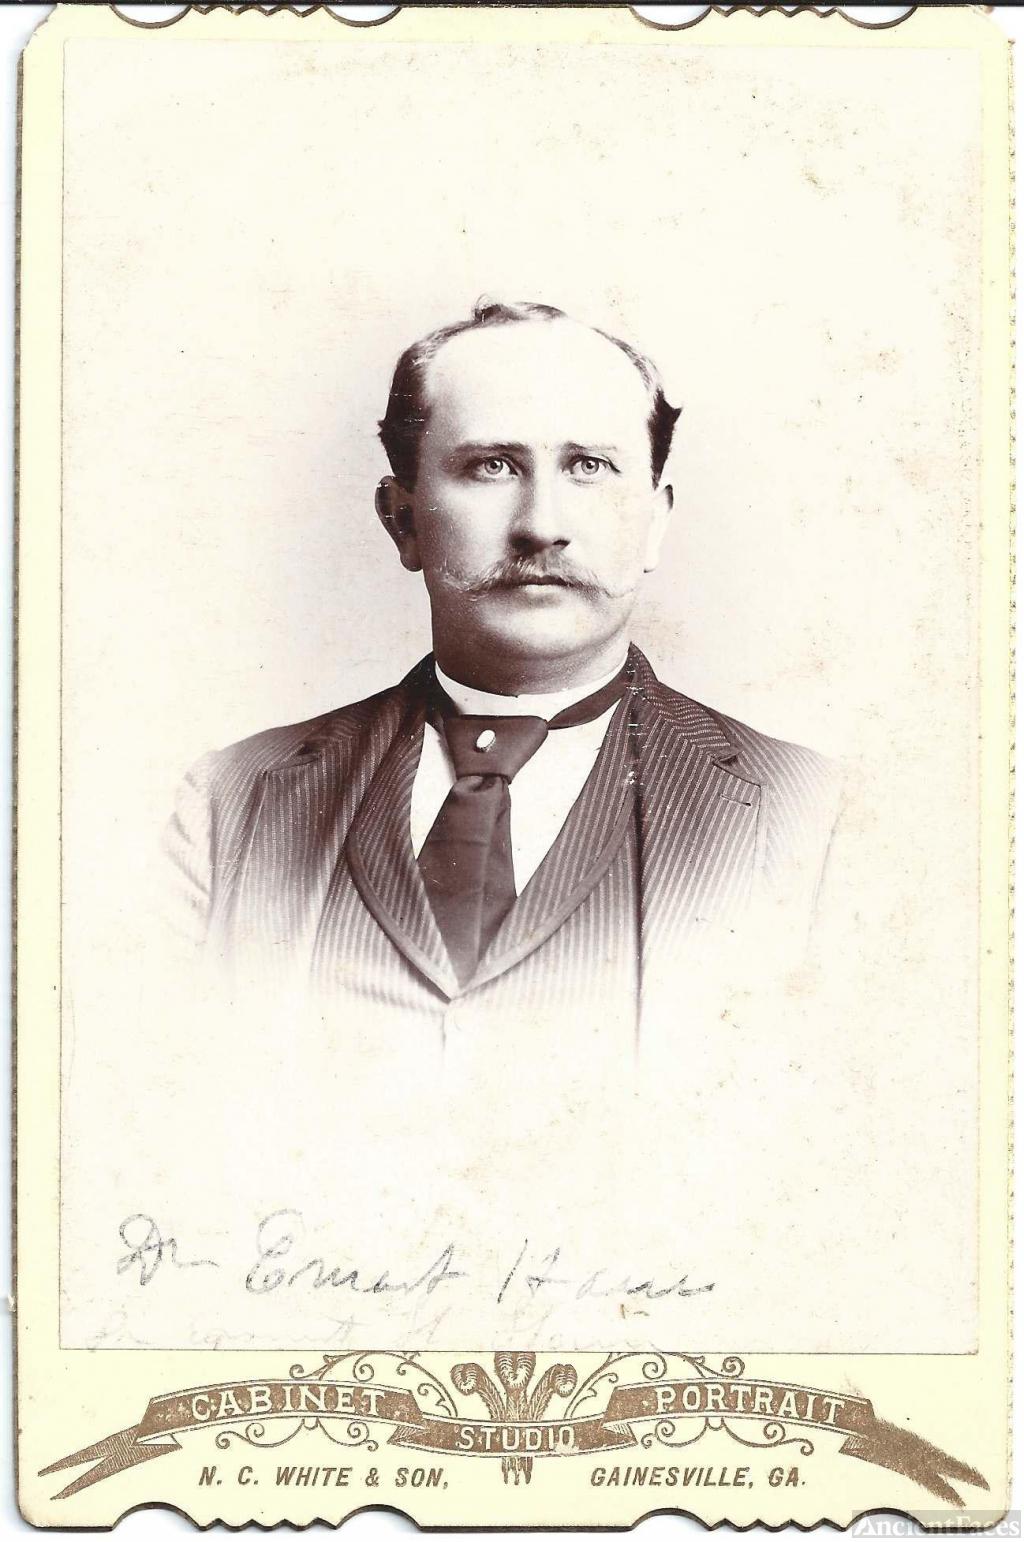 Dr. Ernest Hamm